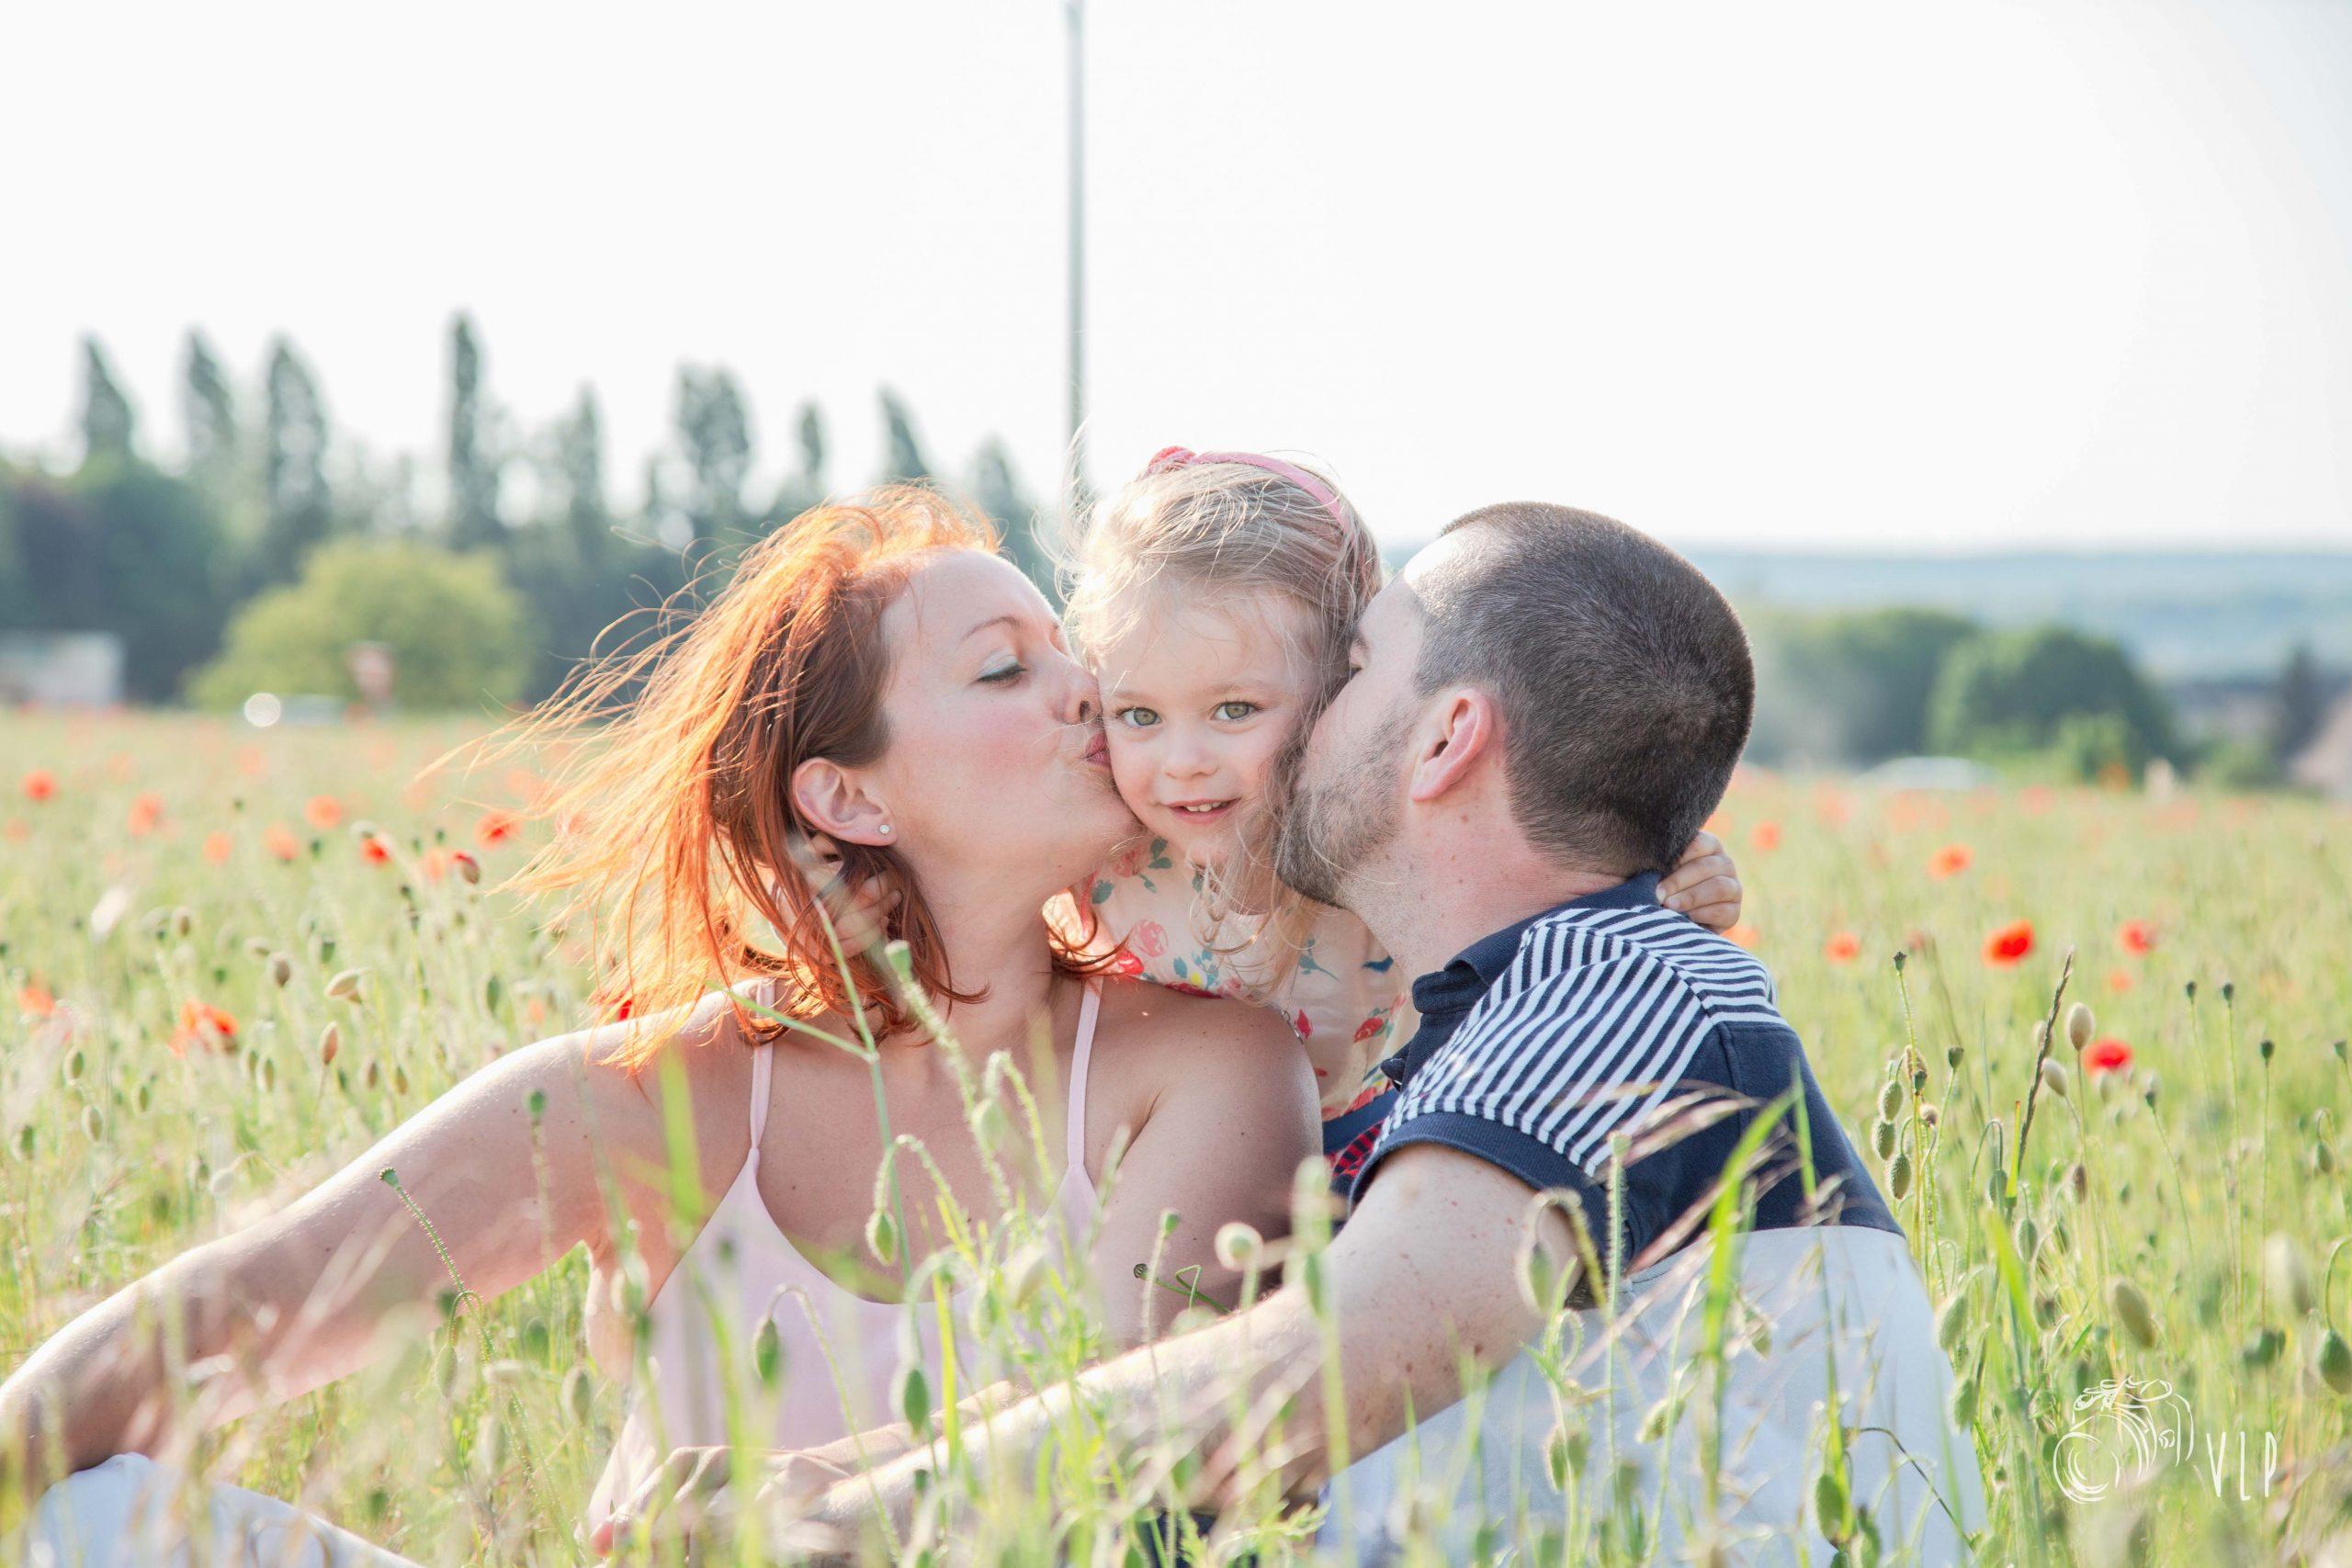 Balade photographique en famille